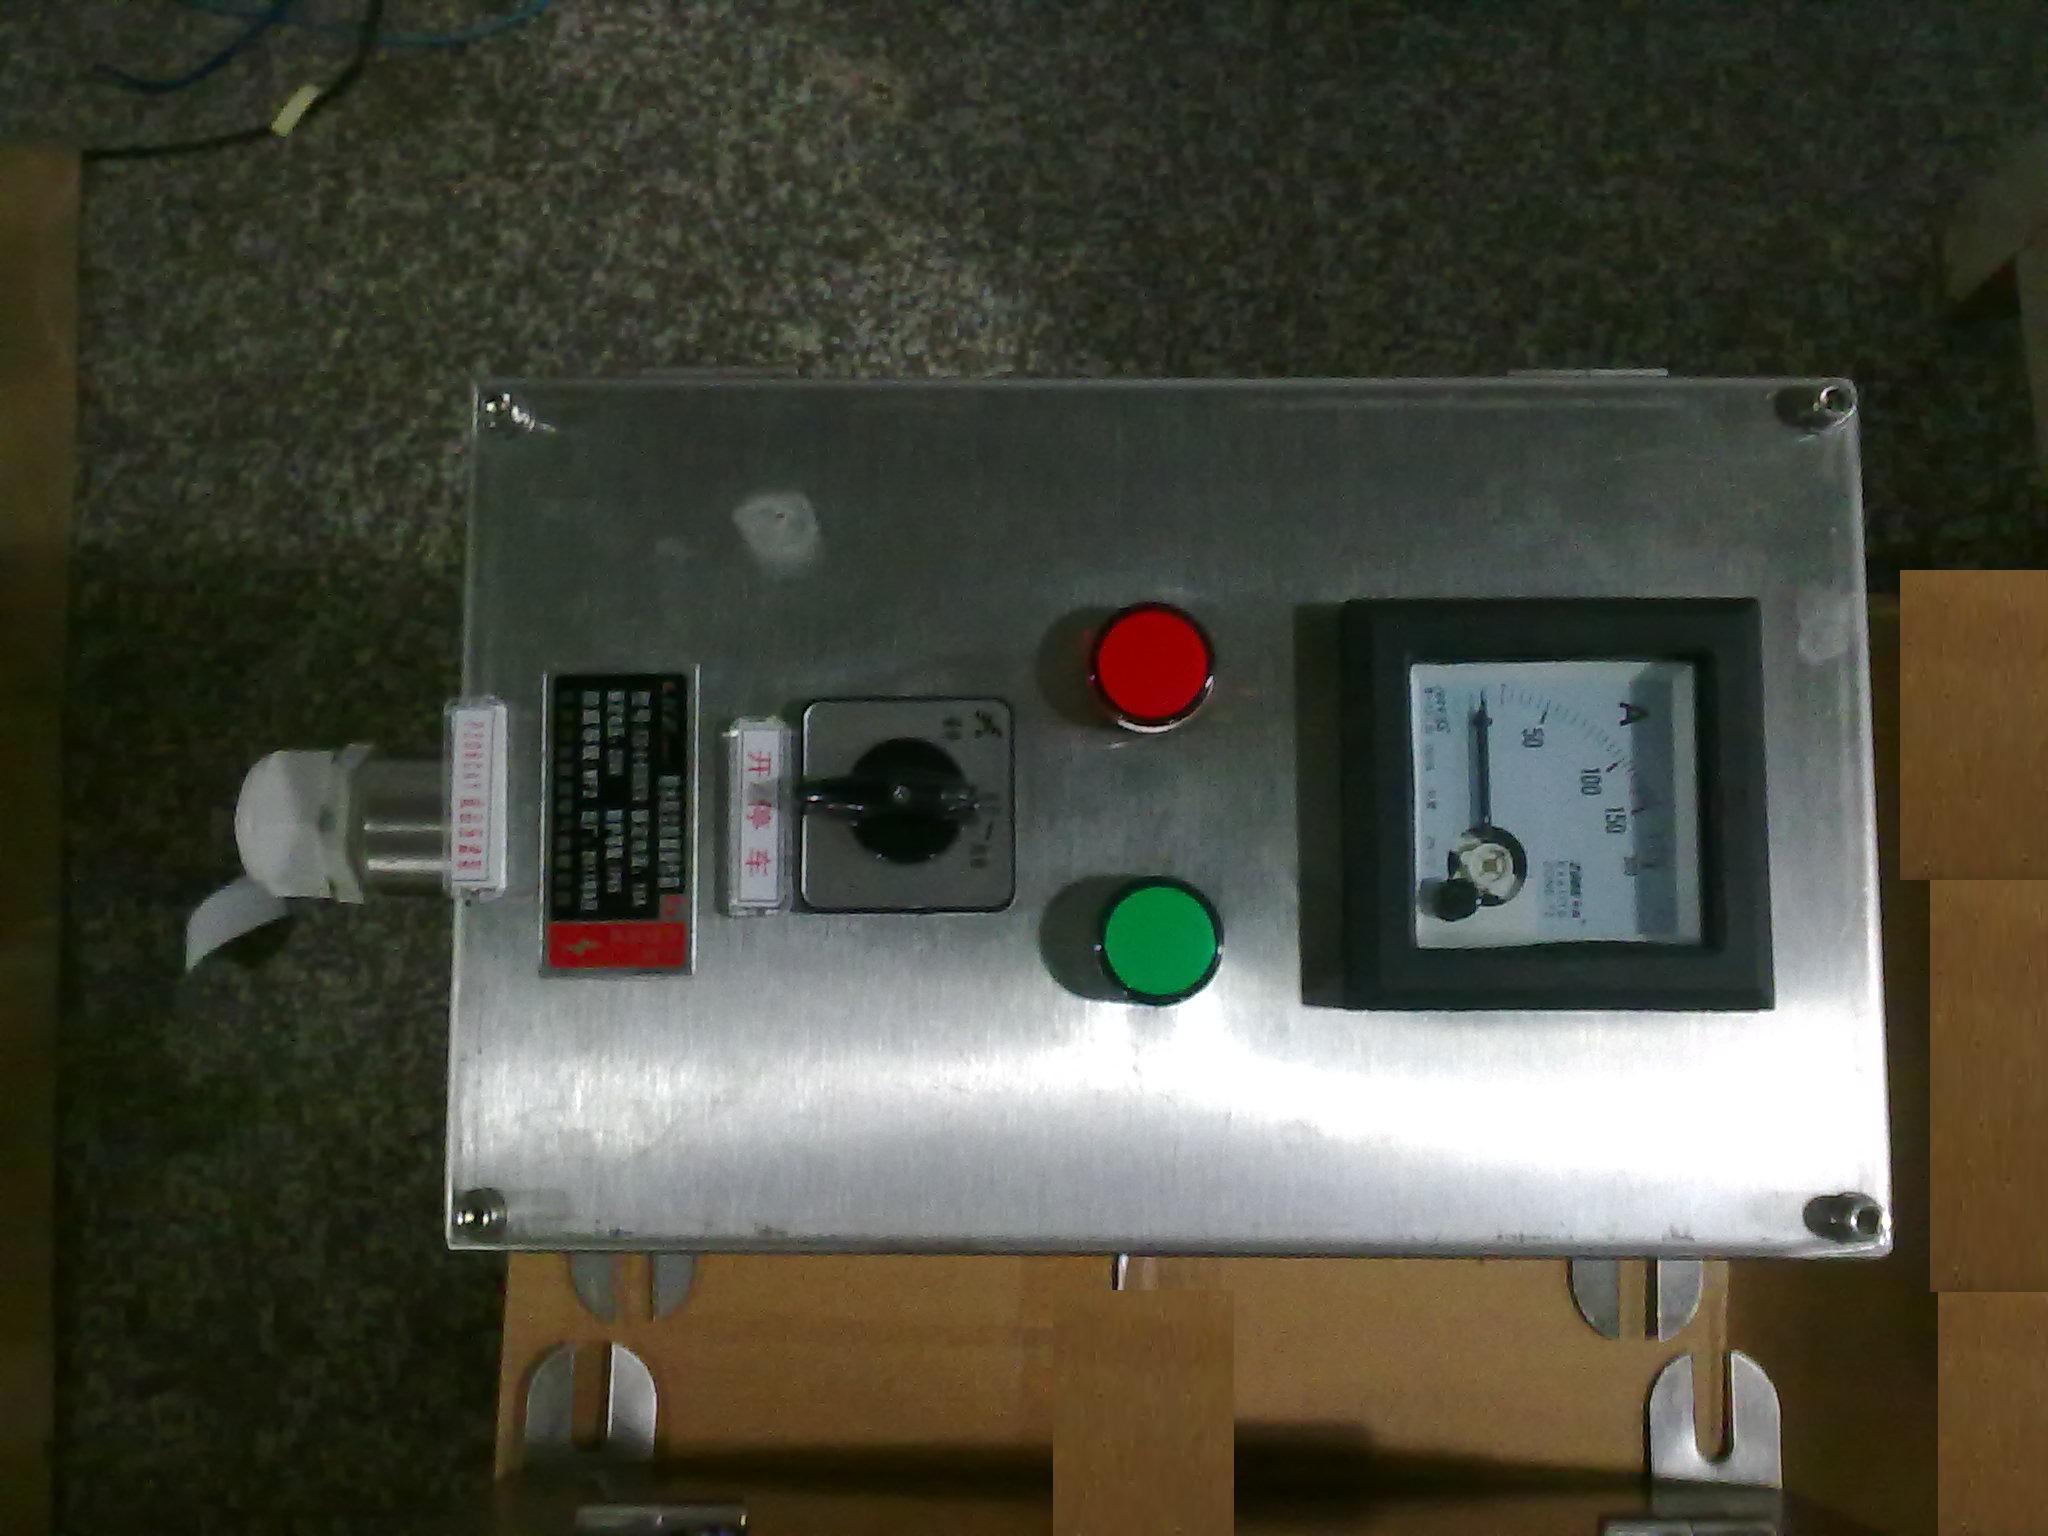 FXK-G-A6D6B1K1防水防尘防腐控制箱 防水防尘不锈钢控制箱